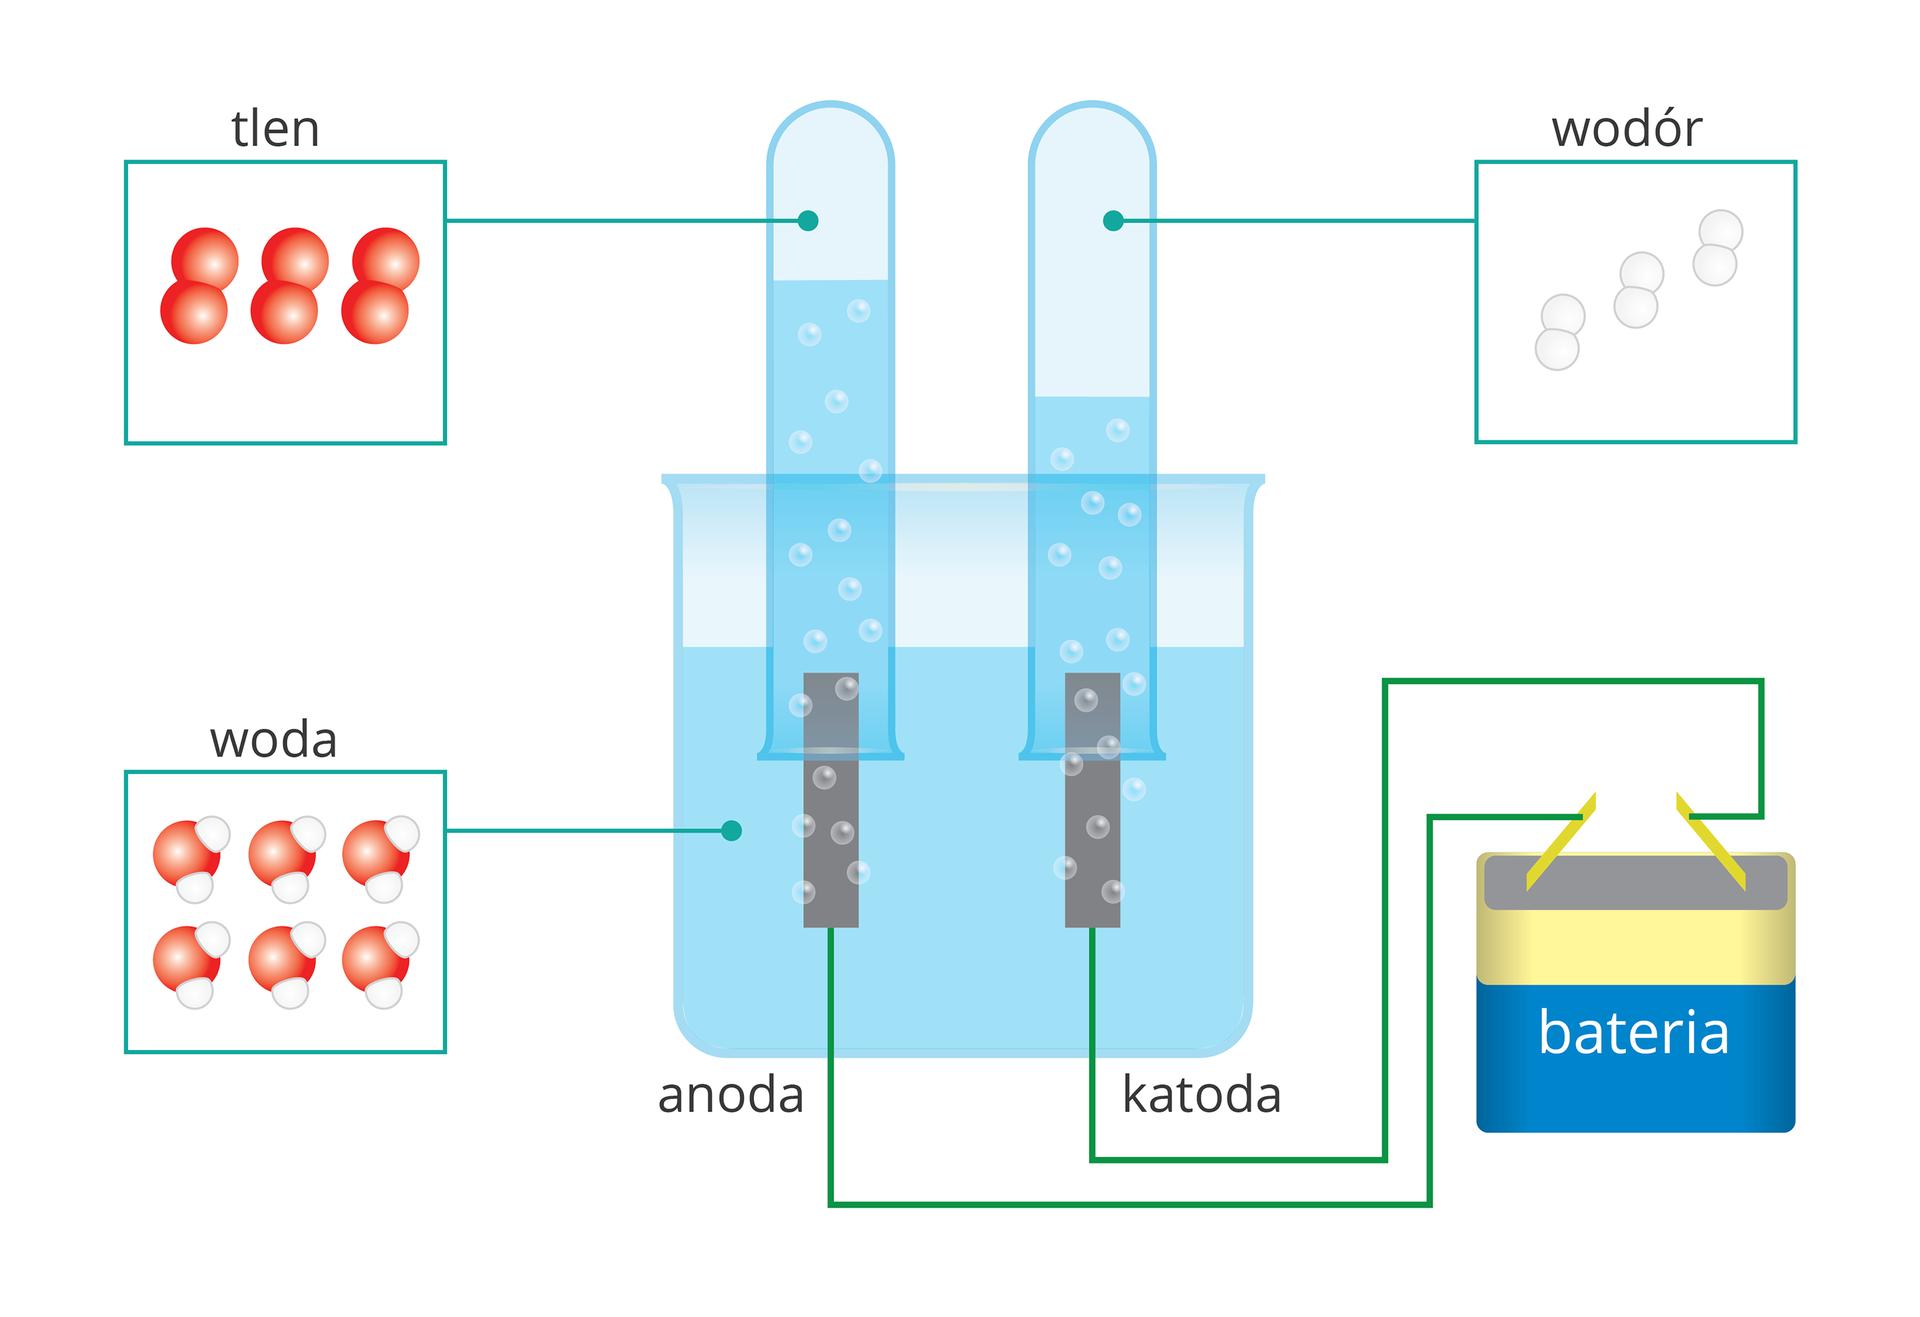 Rysunkowe, schematyczne przedstawienie procesu elektrolizy wody. Centralną część rysunku zajmuje wypełnione wodą naczynie wpostaci zlewki, wktórym zanurzone są dwie elektrody - anoda ikatoda. Nad każdą zelektrod zanurzona jest wwodzie iwypełniona nią odwrócona do góry dnem probówka. Elektrody podłączono do dwóch biegunów baterii, ana rysunku wydzielają się wokół nich pęcherzyki gazów, które częściowo wypełniają obie probówki. Ilustracje uzupełniają nazwy substancji obecnych na schemacie wraz zrysunkami przedstawiającymi ich cząsteczki: woda wzlewce, tlen wprobówce nad anodą oraz wodór wprobówce nad katodą. Różnica poziomów wody wobu probówkach sugeruje, że wodoru wydzielającego się przy katodzie jest dwukrotnie więcej, niż tlenu pochodzącego zanody.